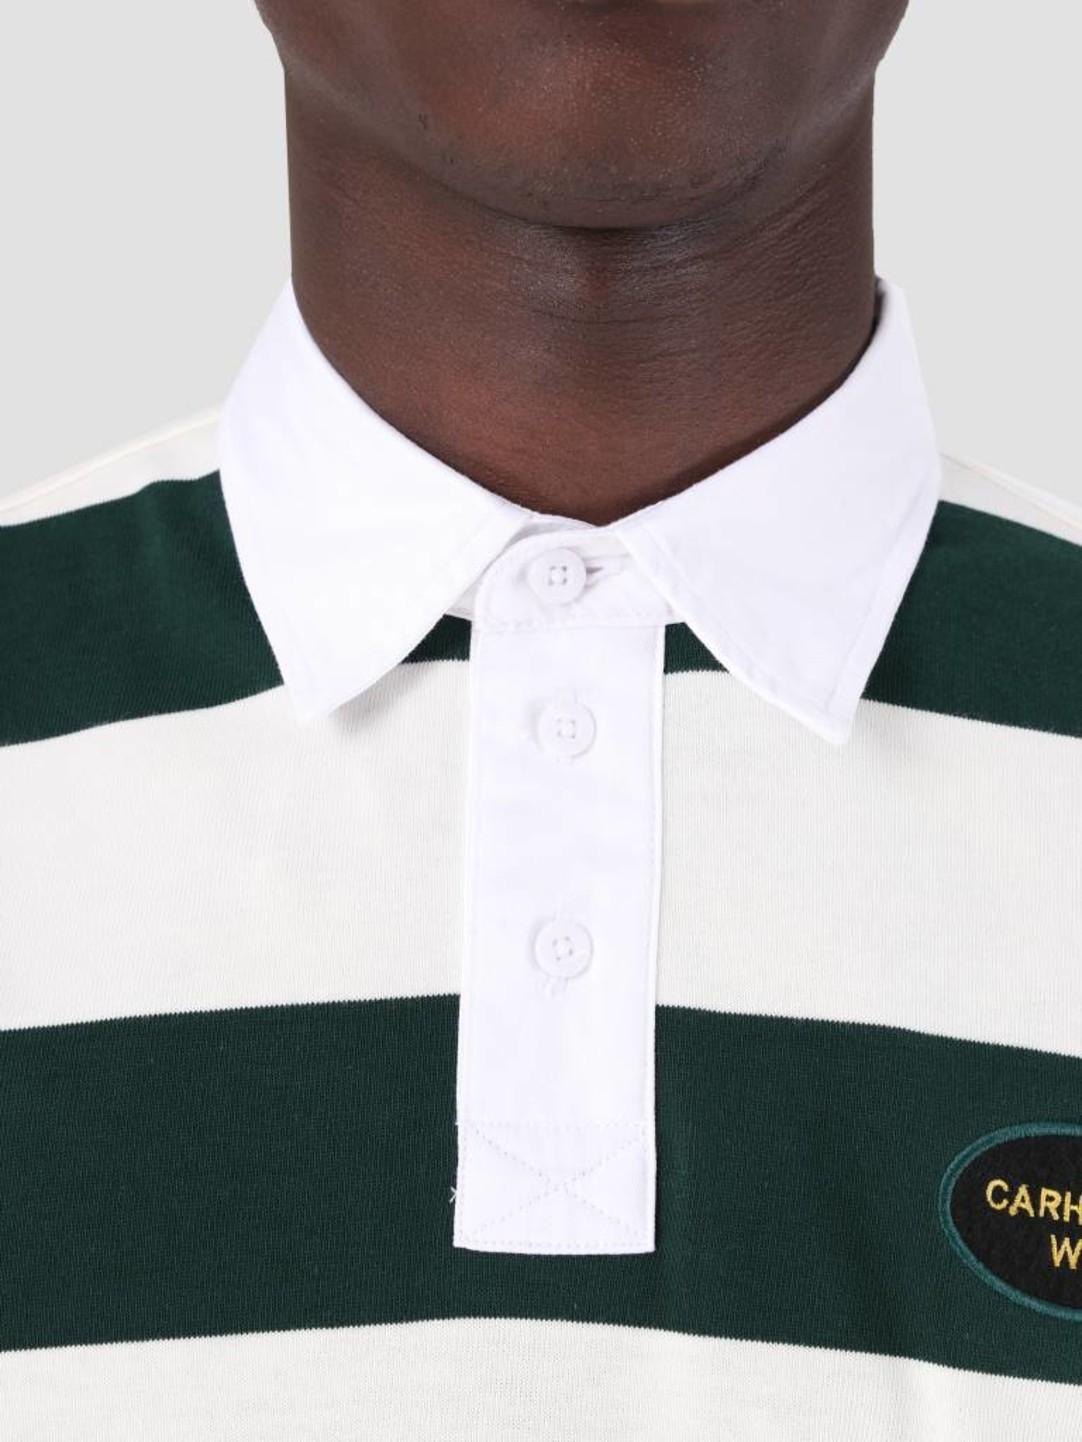 Carhartt WIP Carhartt WIP Longsleeve Roslyn Polo Wax Bottle Green I026246